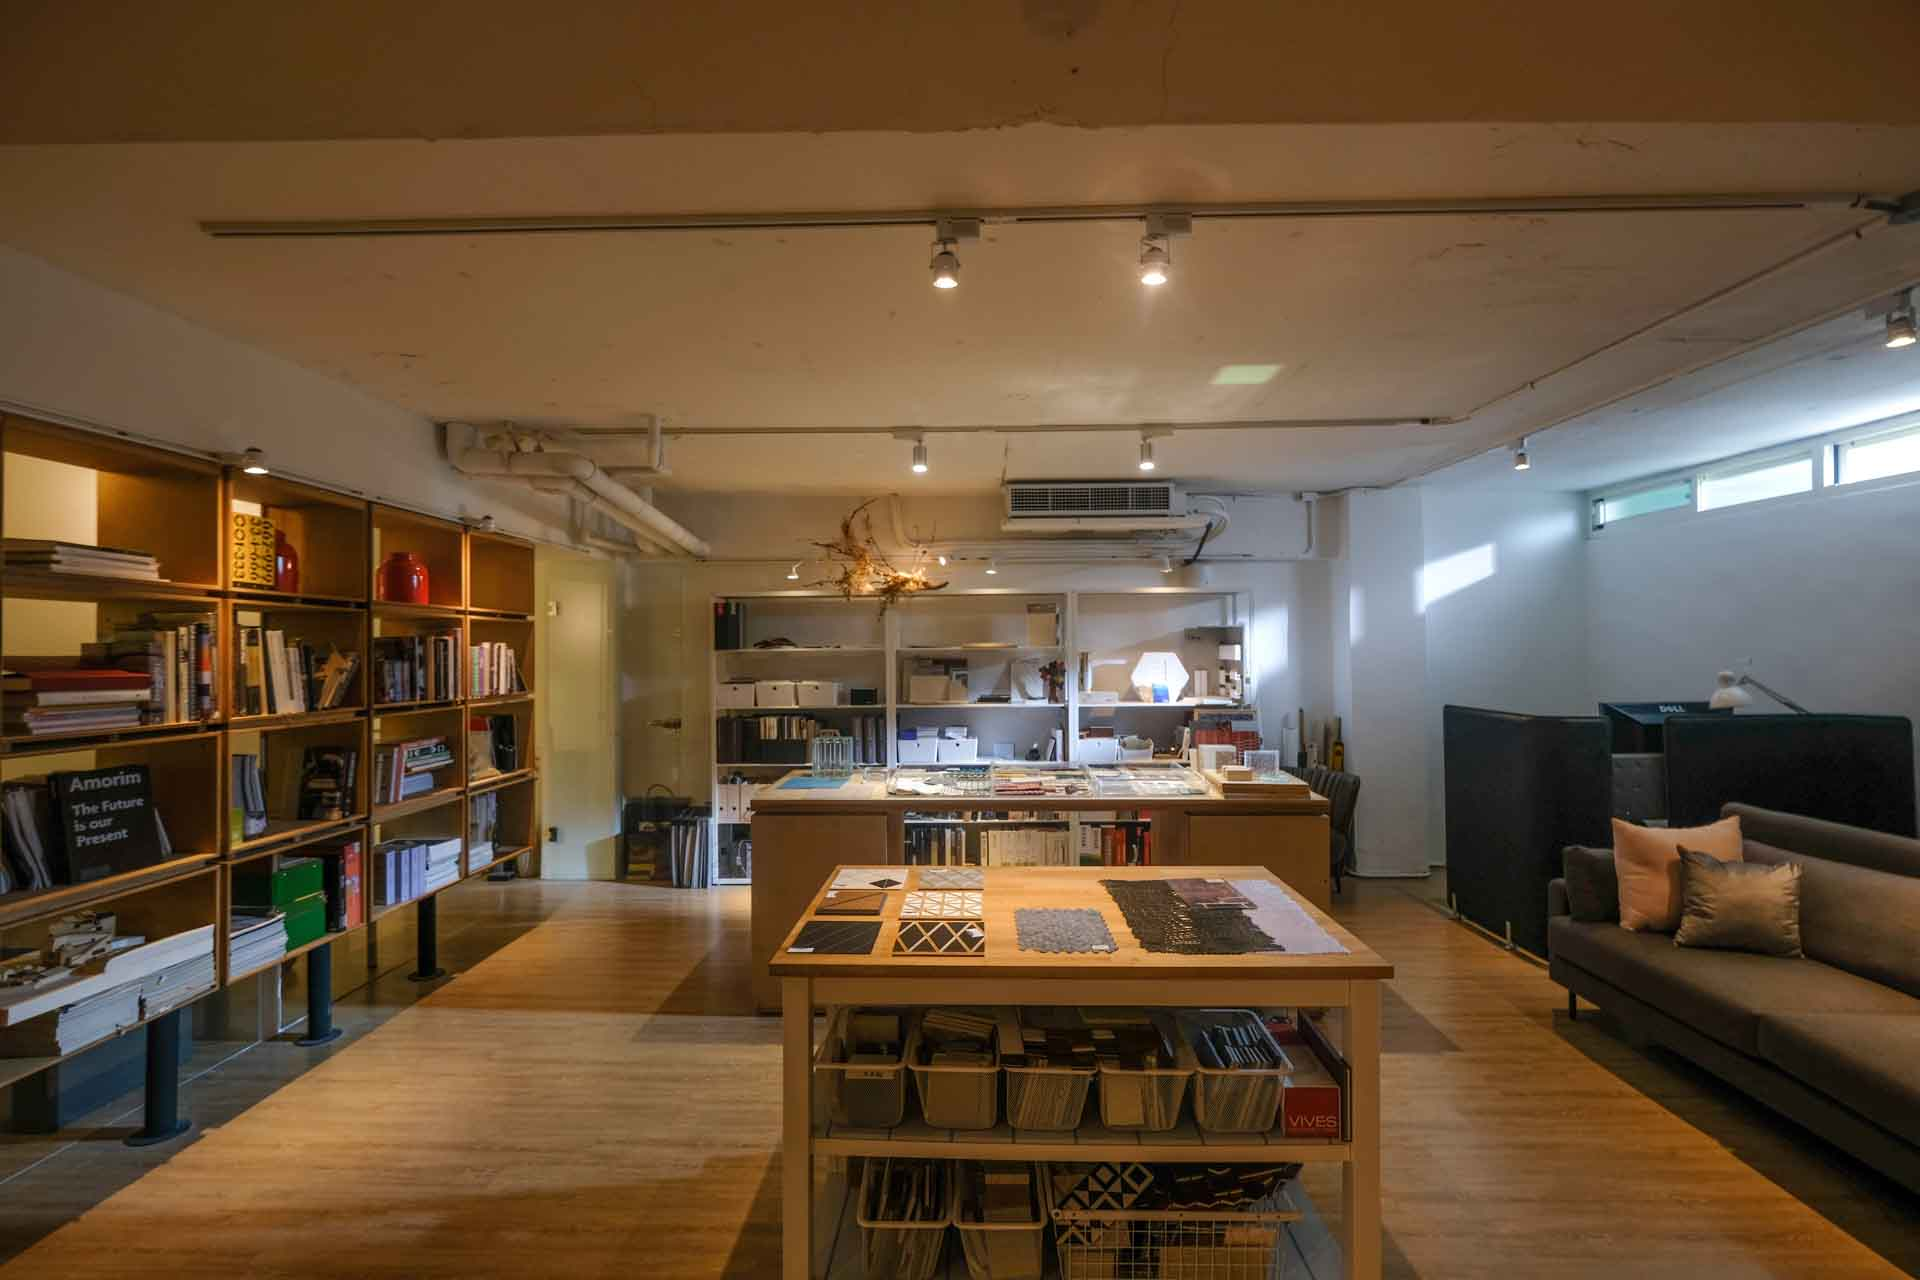 全台首創的室內材料圖書館,提供設計師近距離接觸材料元素,激盪創意。